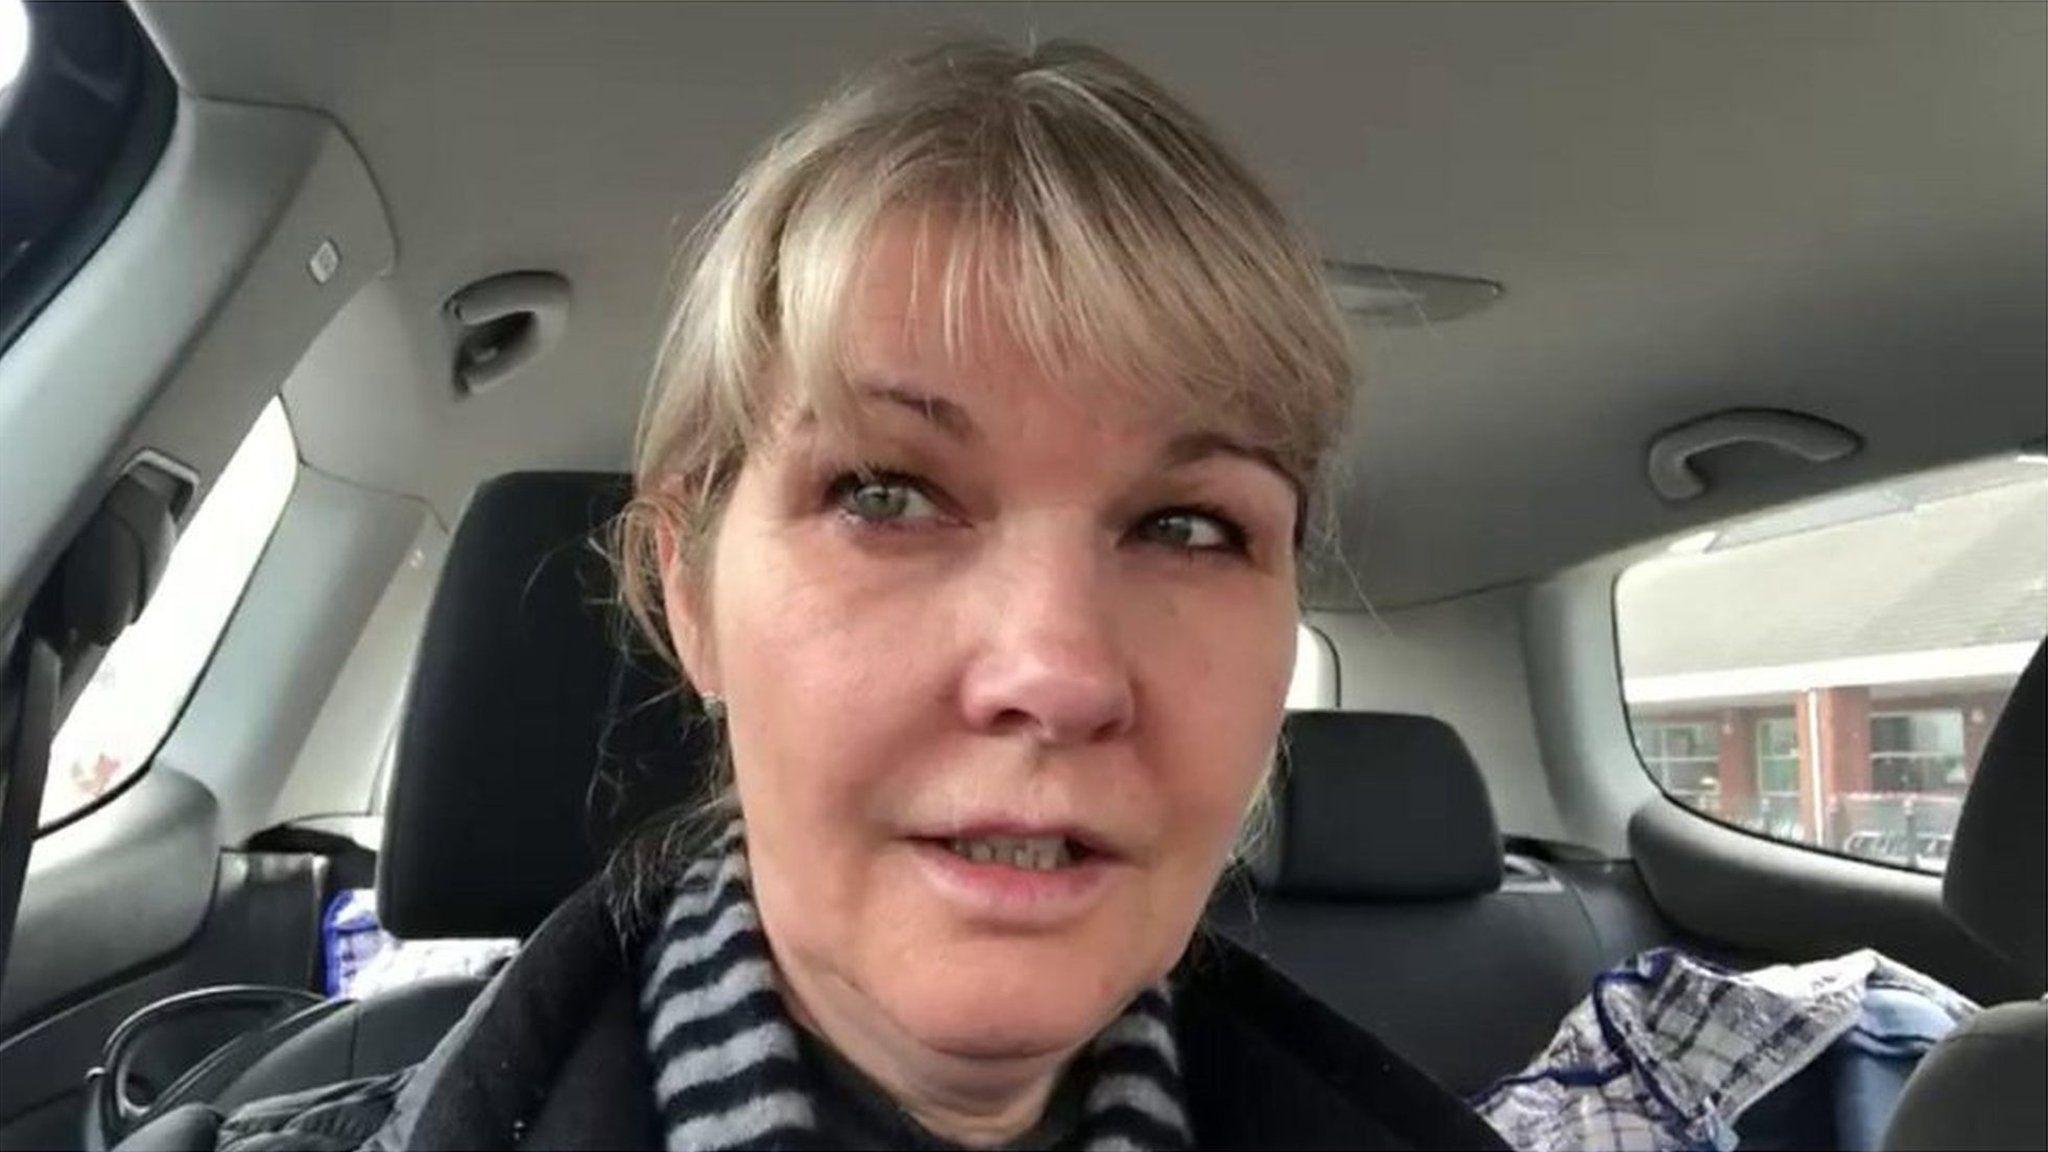 「買い占めはやめて!」 48時間勤務の看護師、食べ物を確保できず涙の訴え